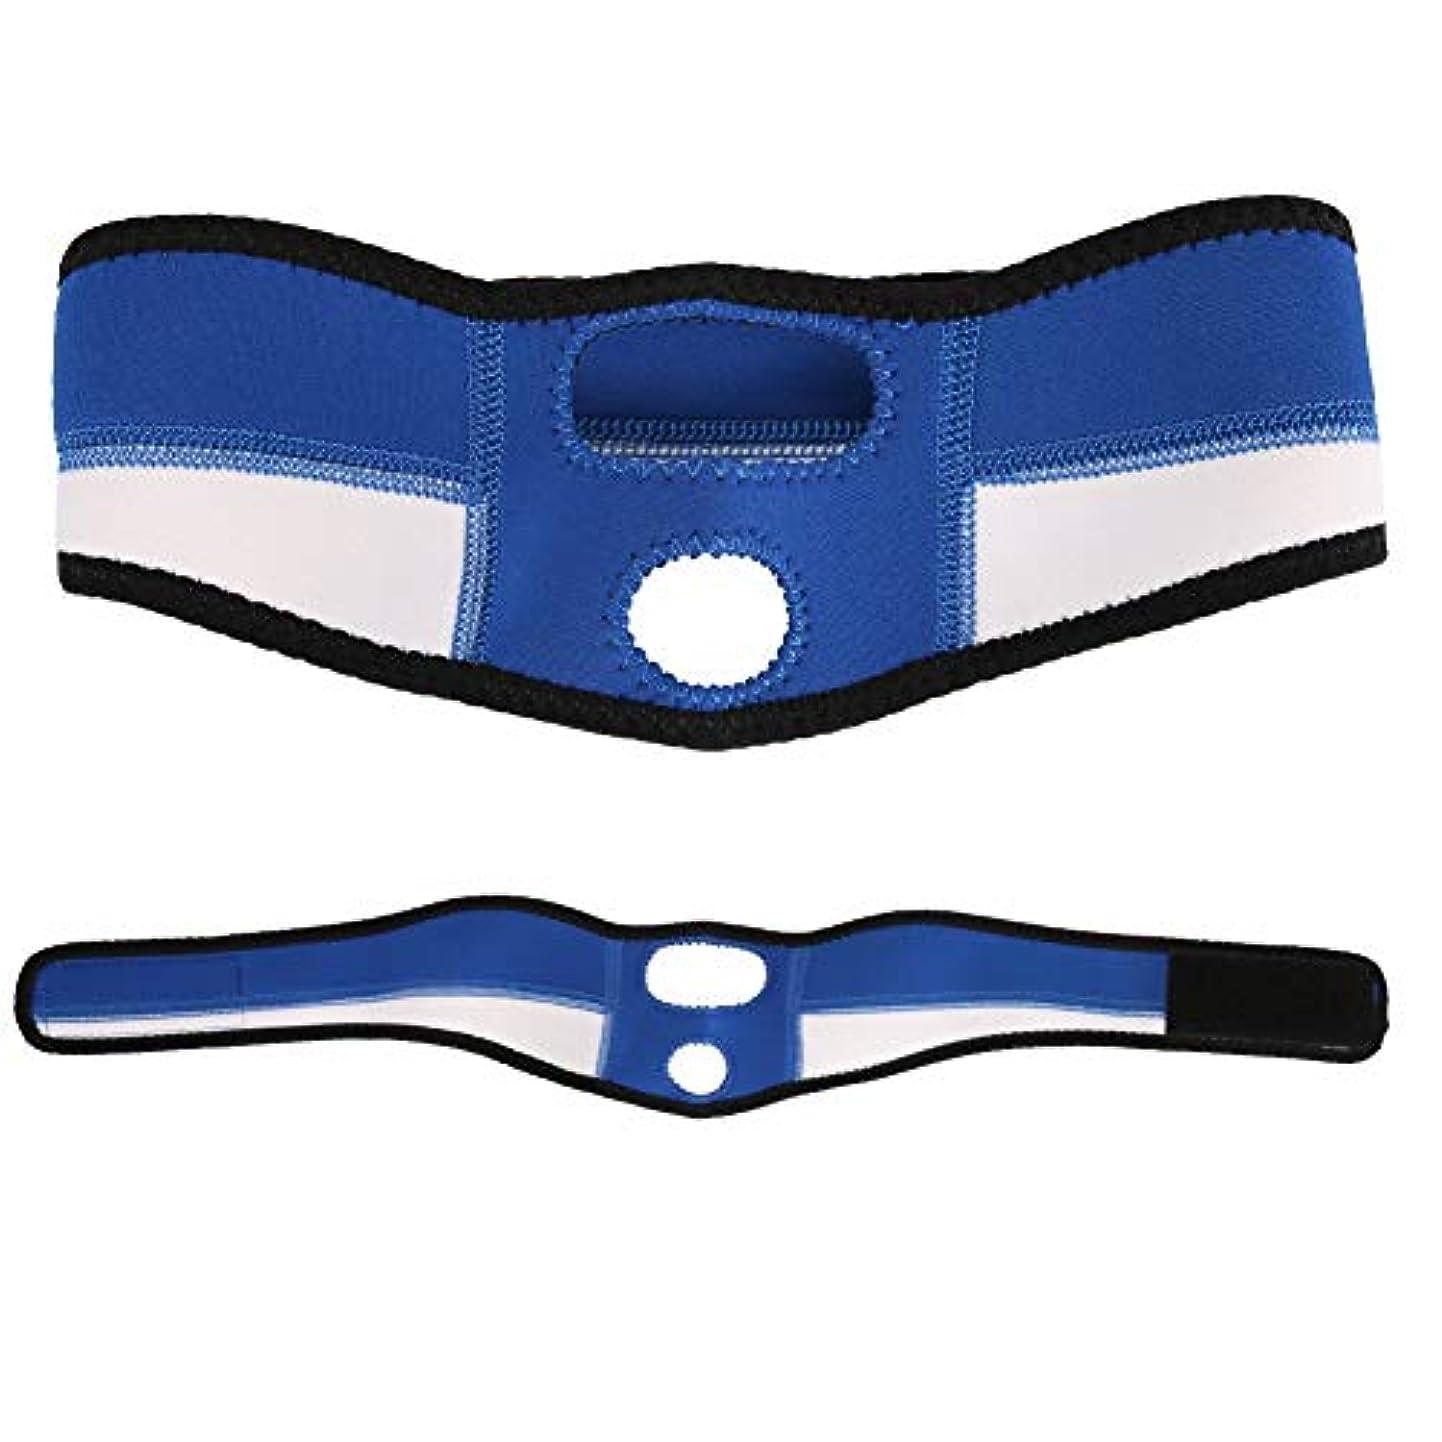 紳士メロン電気技師フェイス減量ベルト、顔フェイシャルリフティング痩身ベルト締め付け 调节可能 Vラインベルト リフトフェイスベルト 顎ベルト